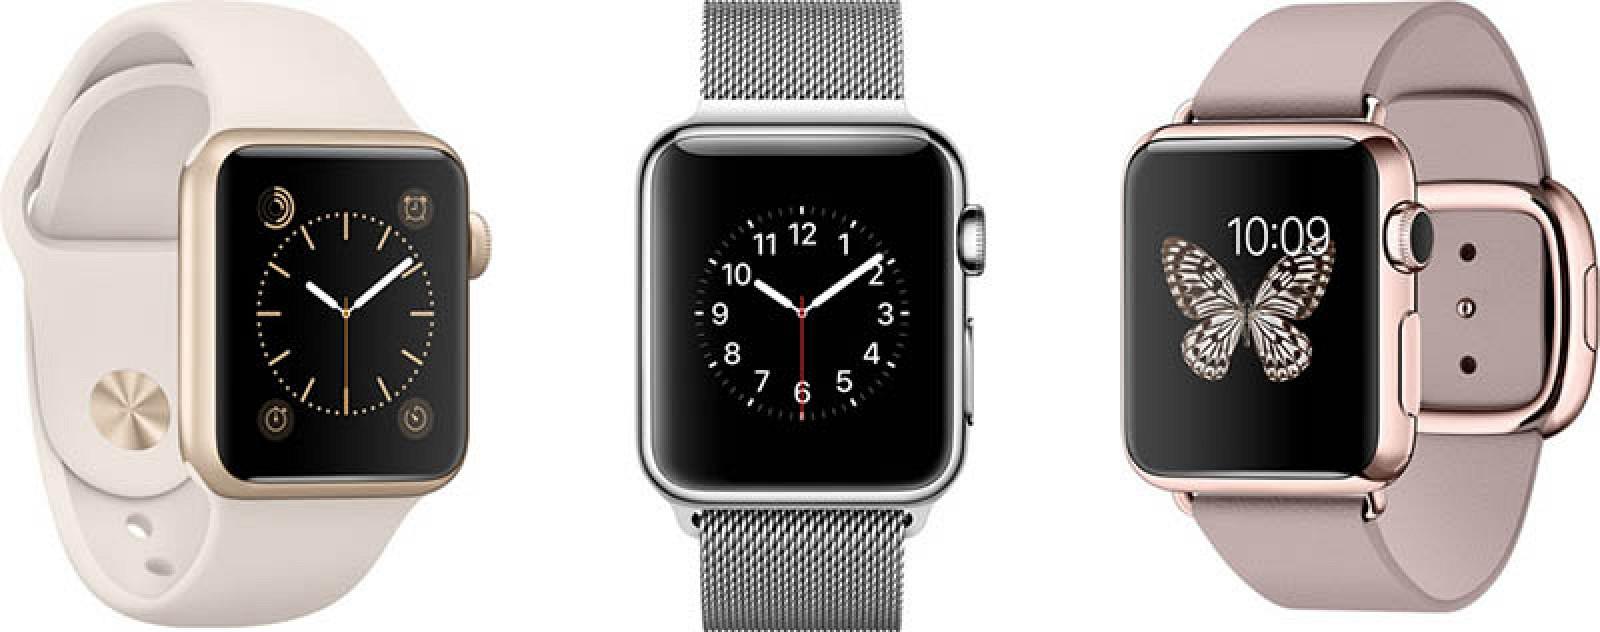 Best watch deals thanksgiving